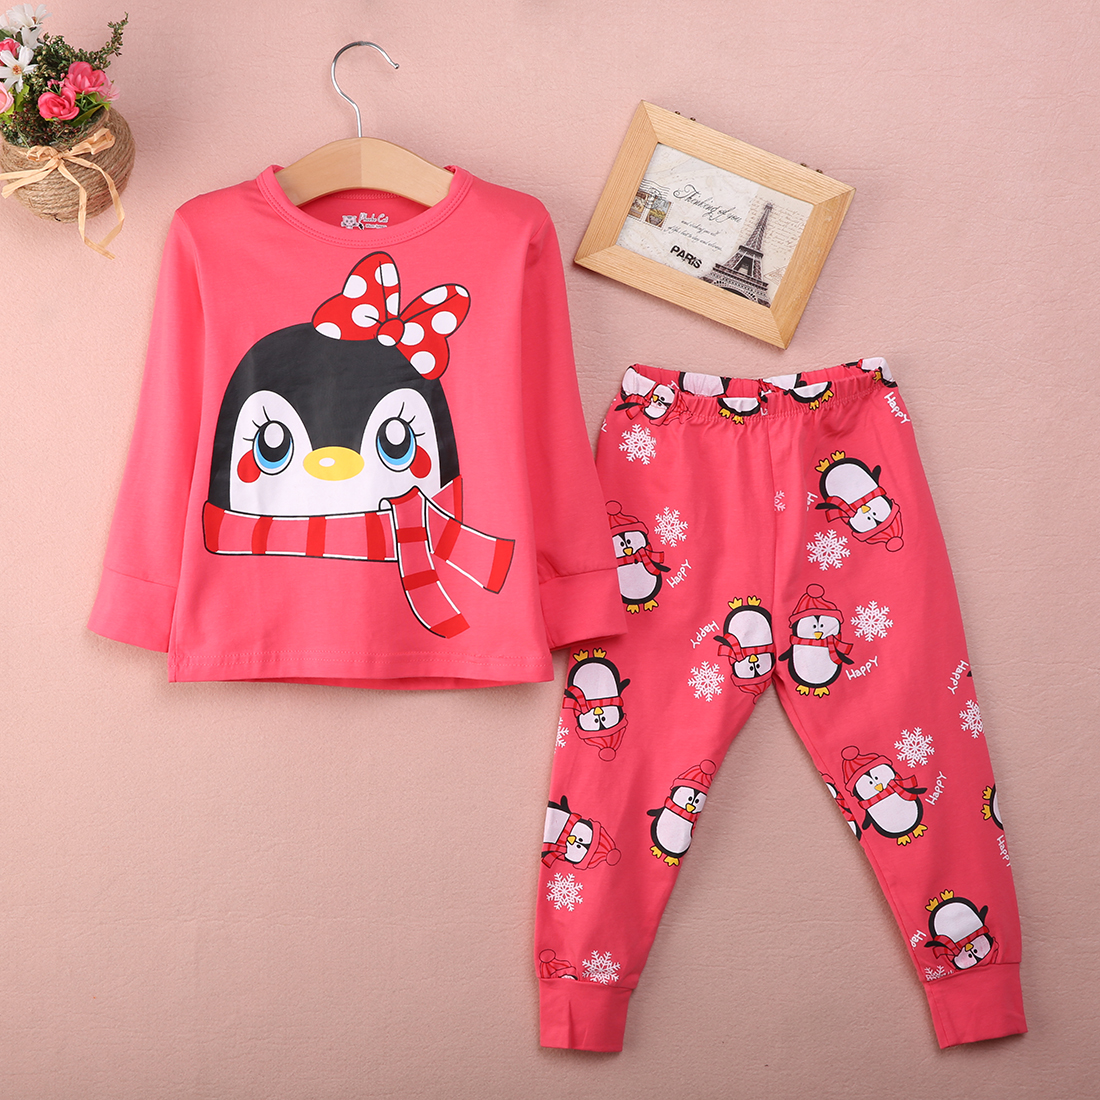 Casual Cartoon Print Long Sleeve Top Und Hosen Pyjamas Set Für Kleinkind Mädchen Herbst Winter Exquisite Handwerkskunst;